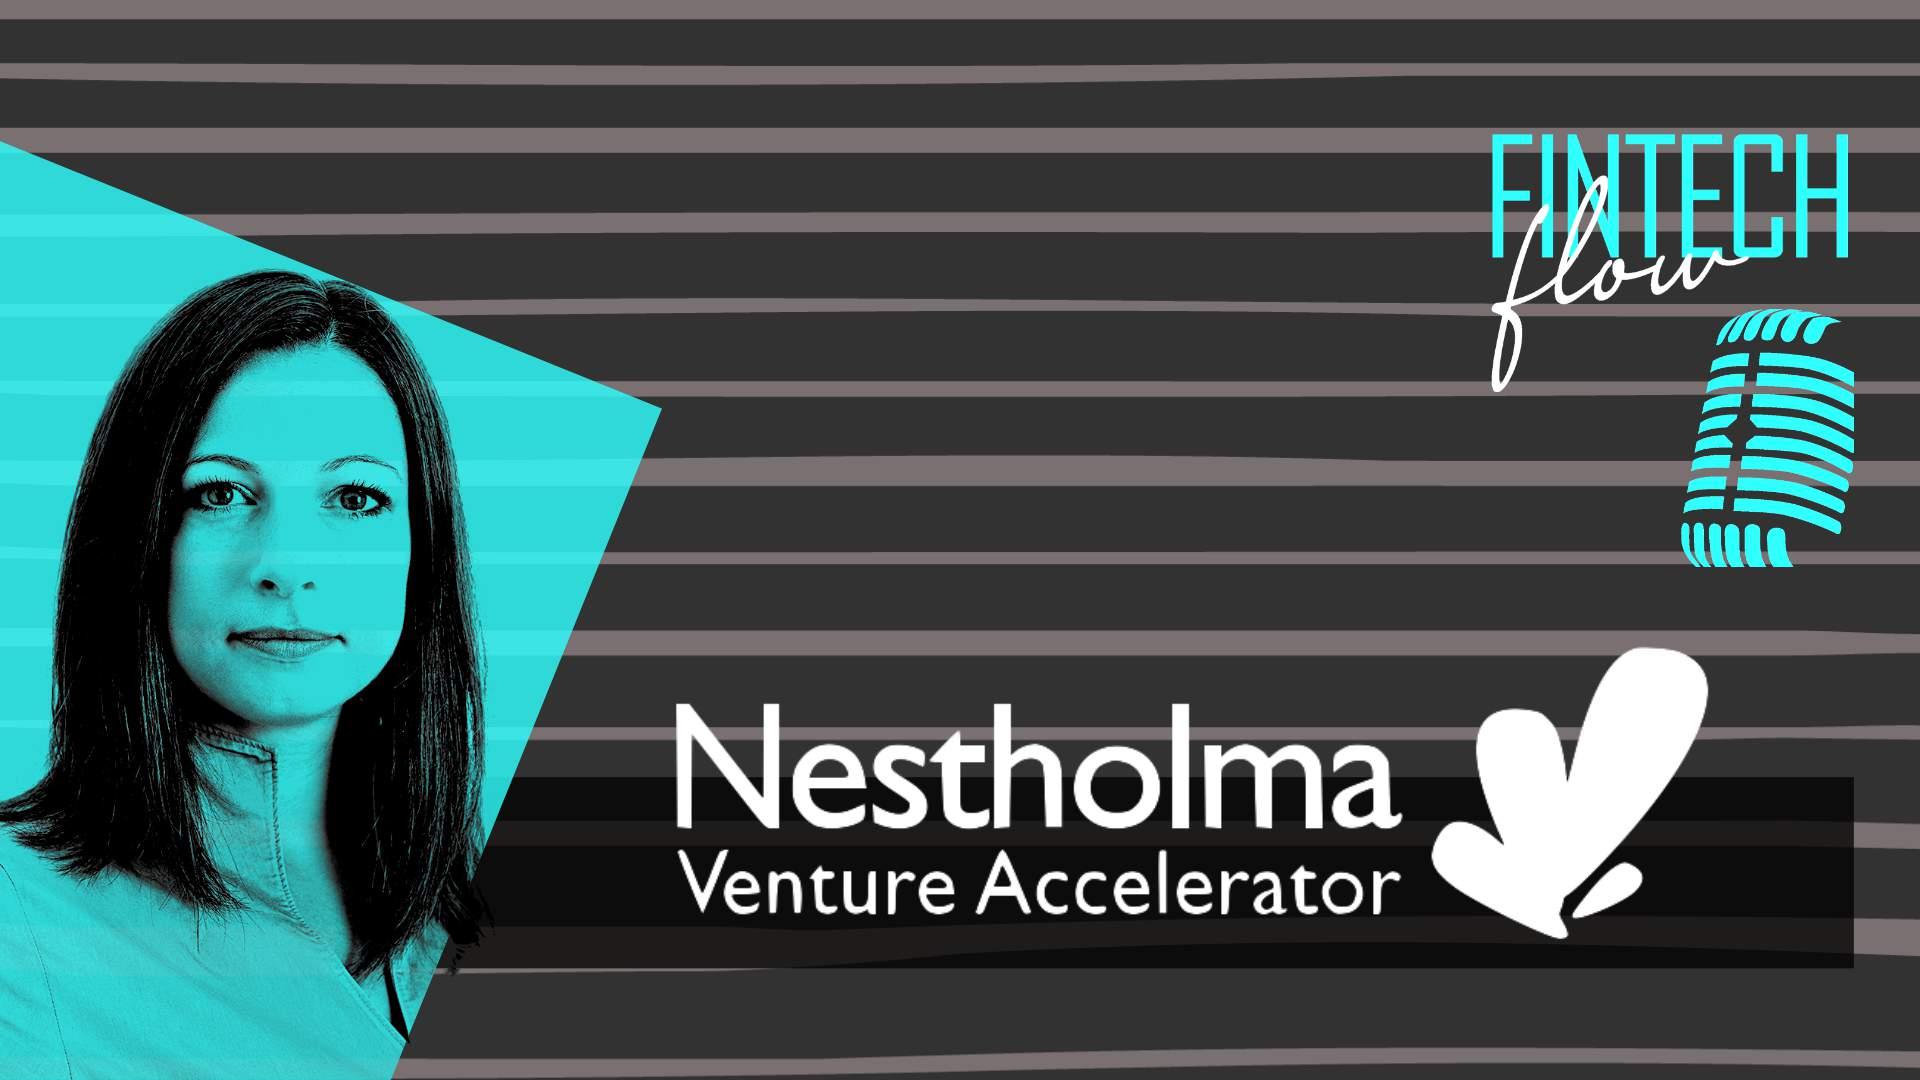 fintechflow-design-posdcast-7-nestholma